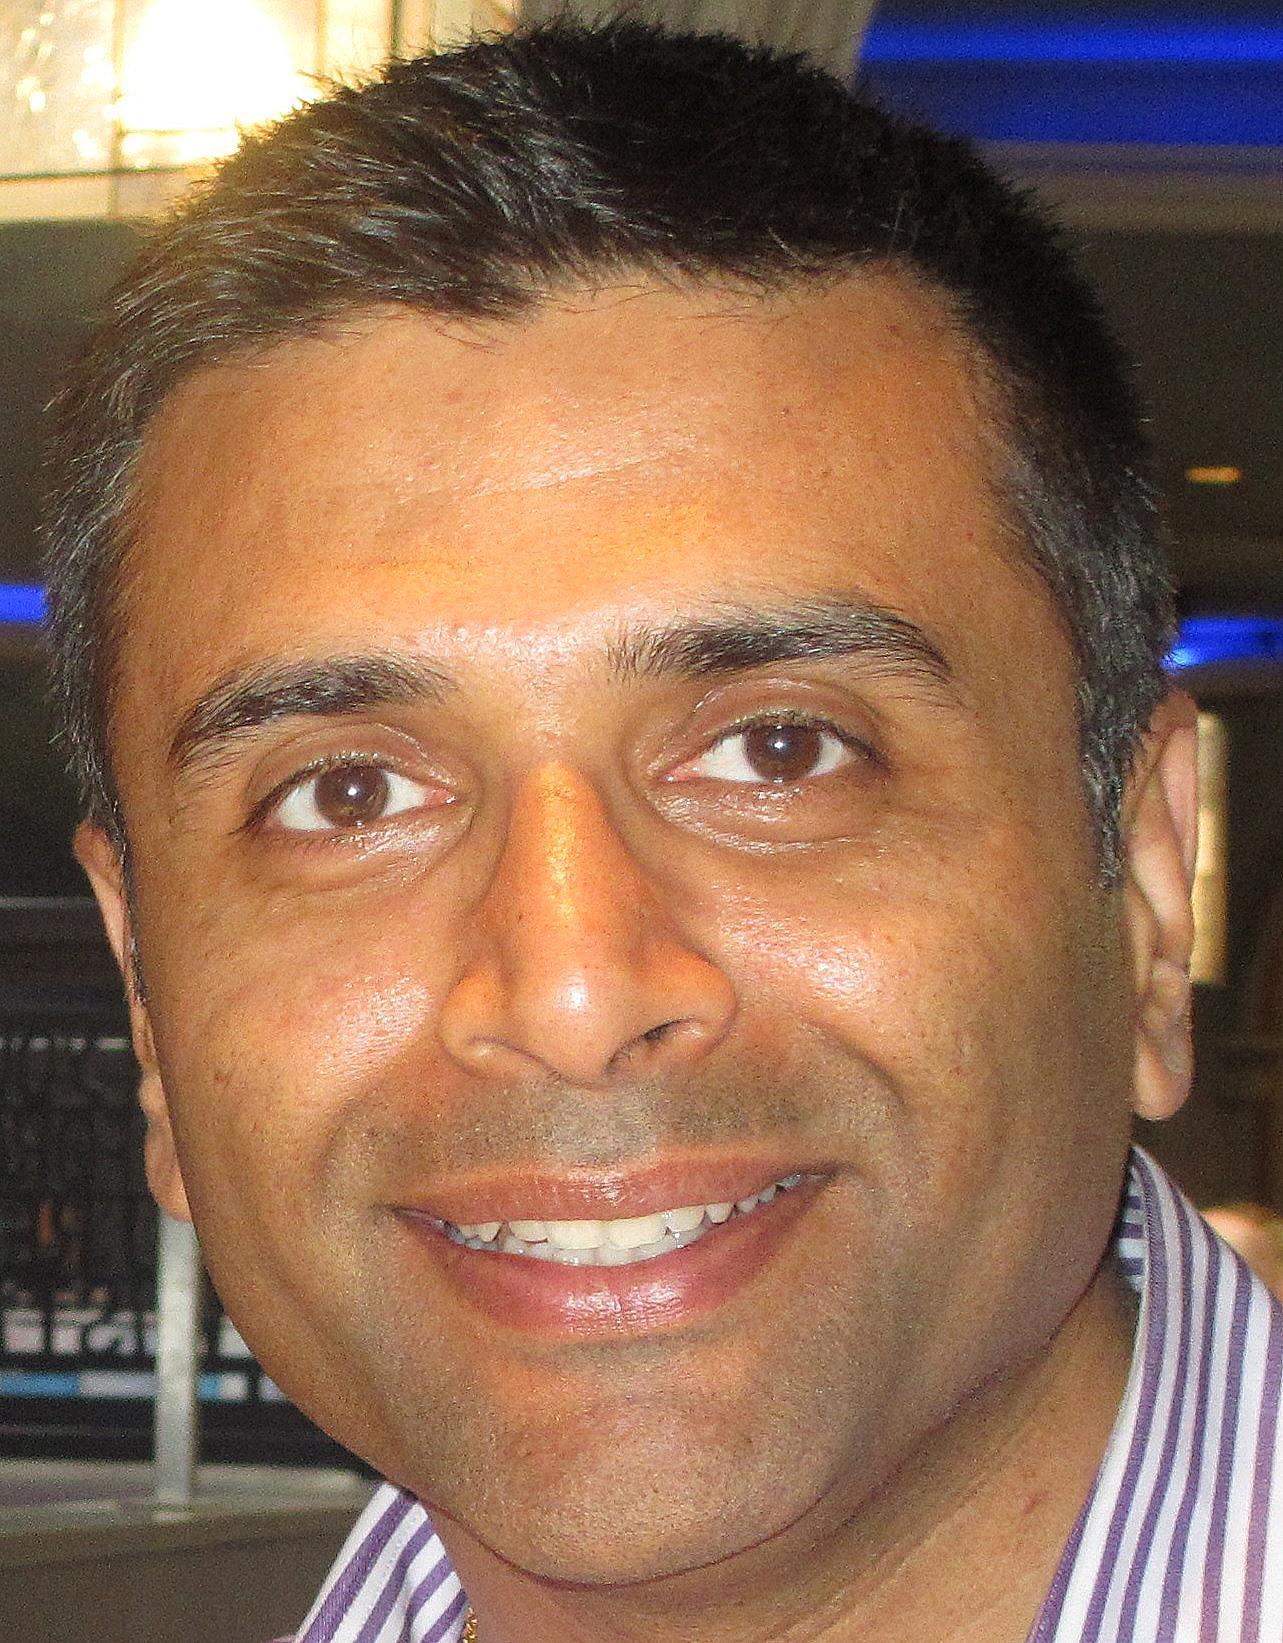 Mr. Sadhiv Tutor